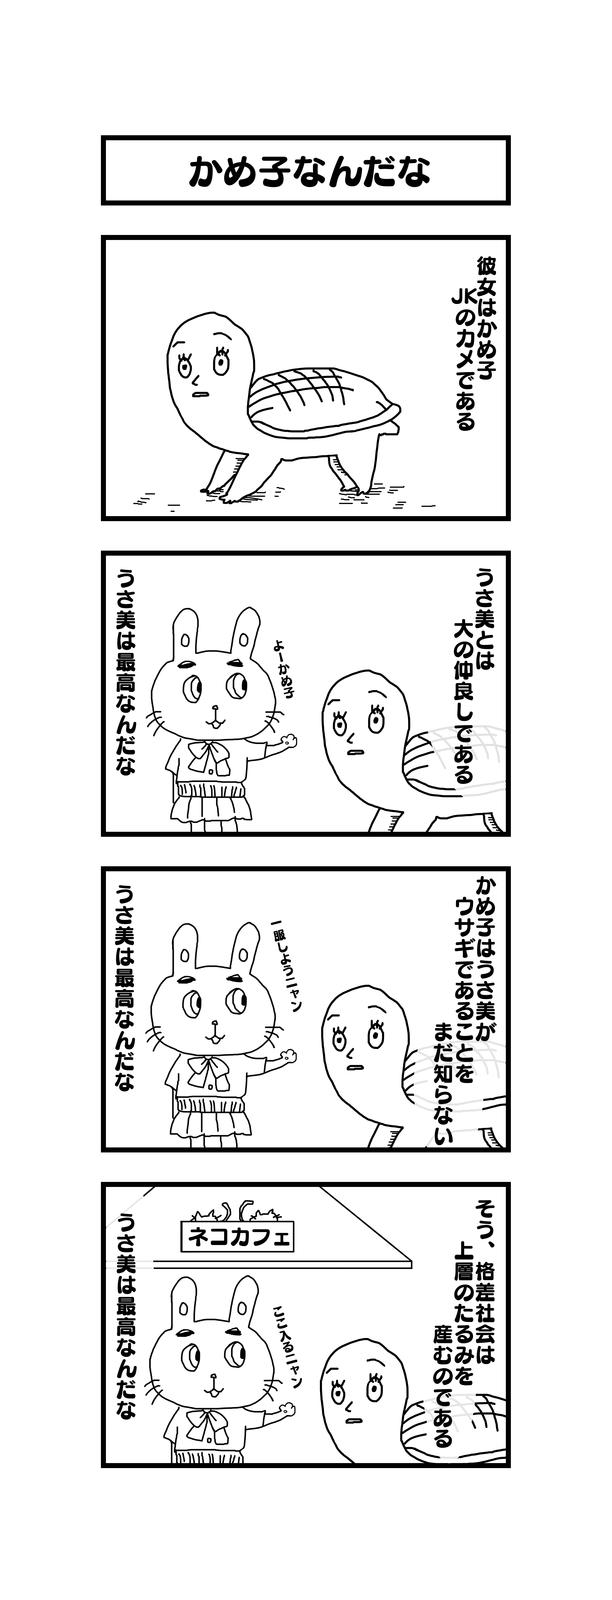 孫の代までウサギとカメ第3話